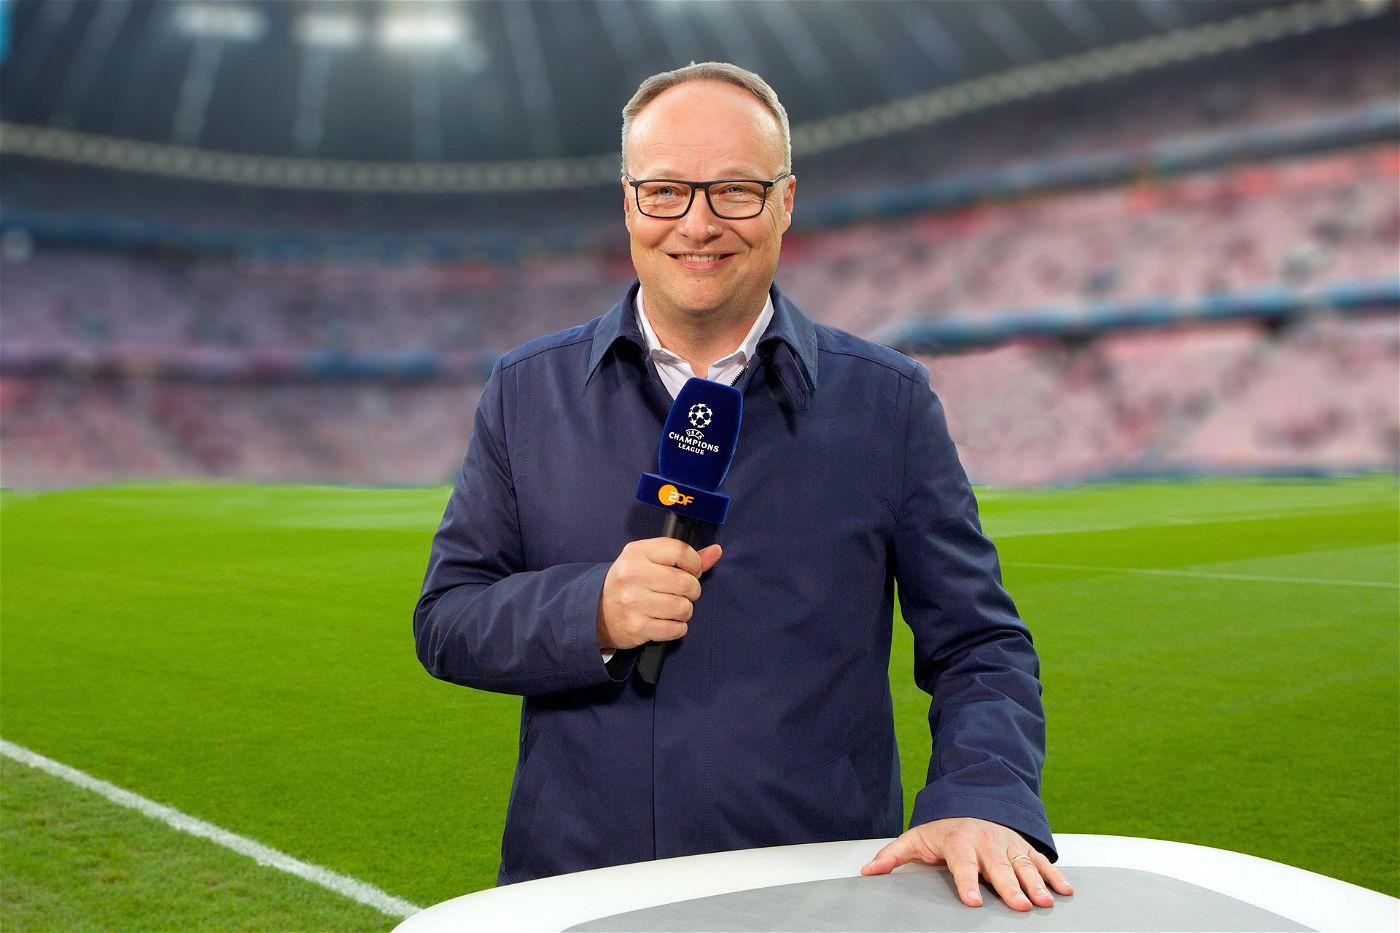 Beim ZDF begrüßt Oliver Welke die TV-Zuschauer vor den Spielen.